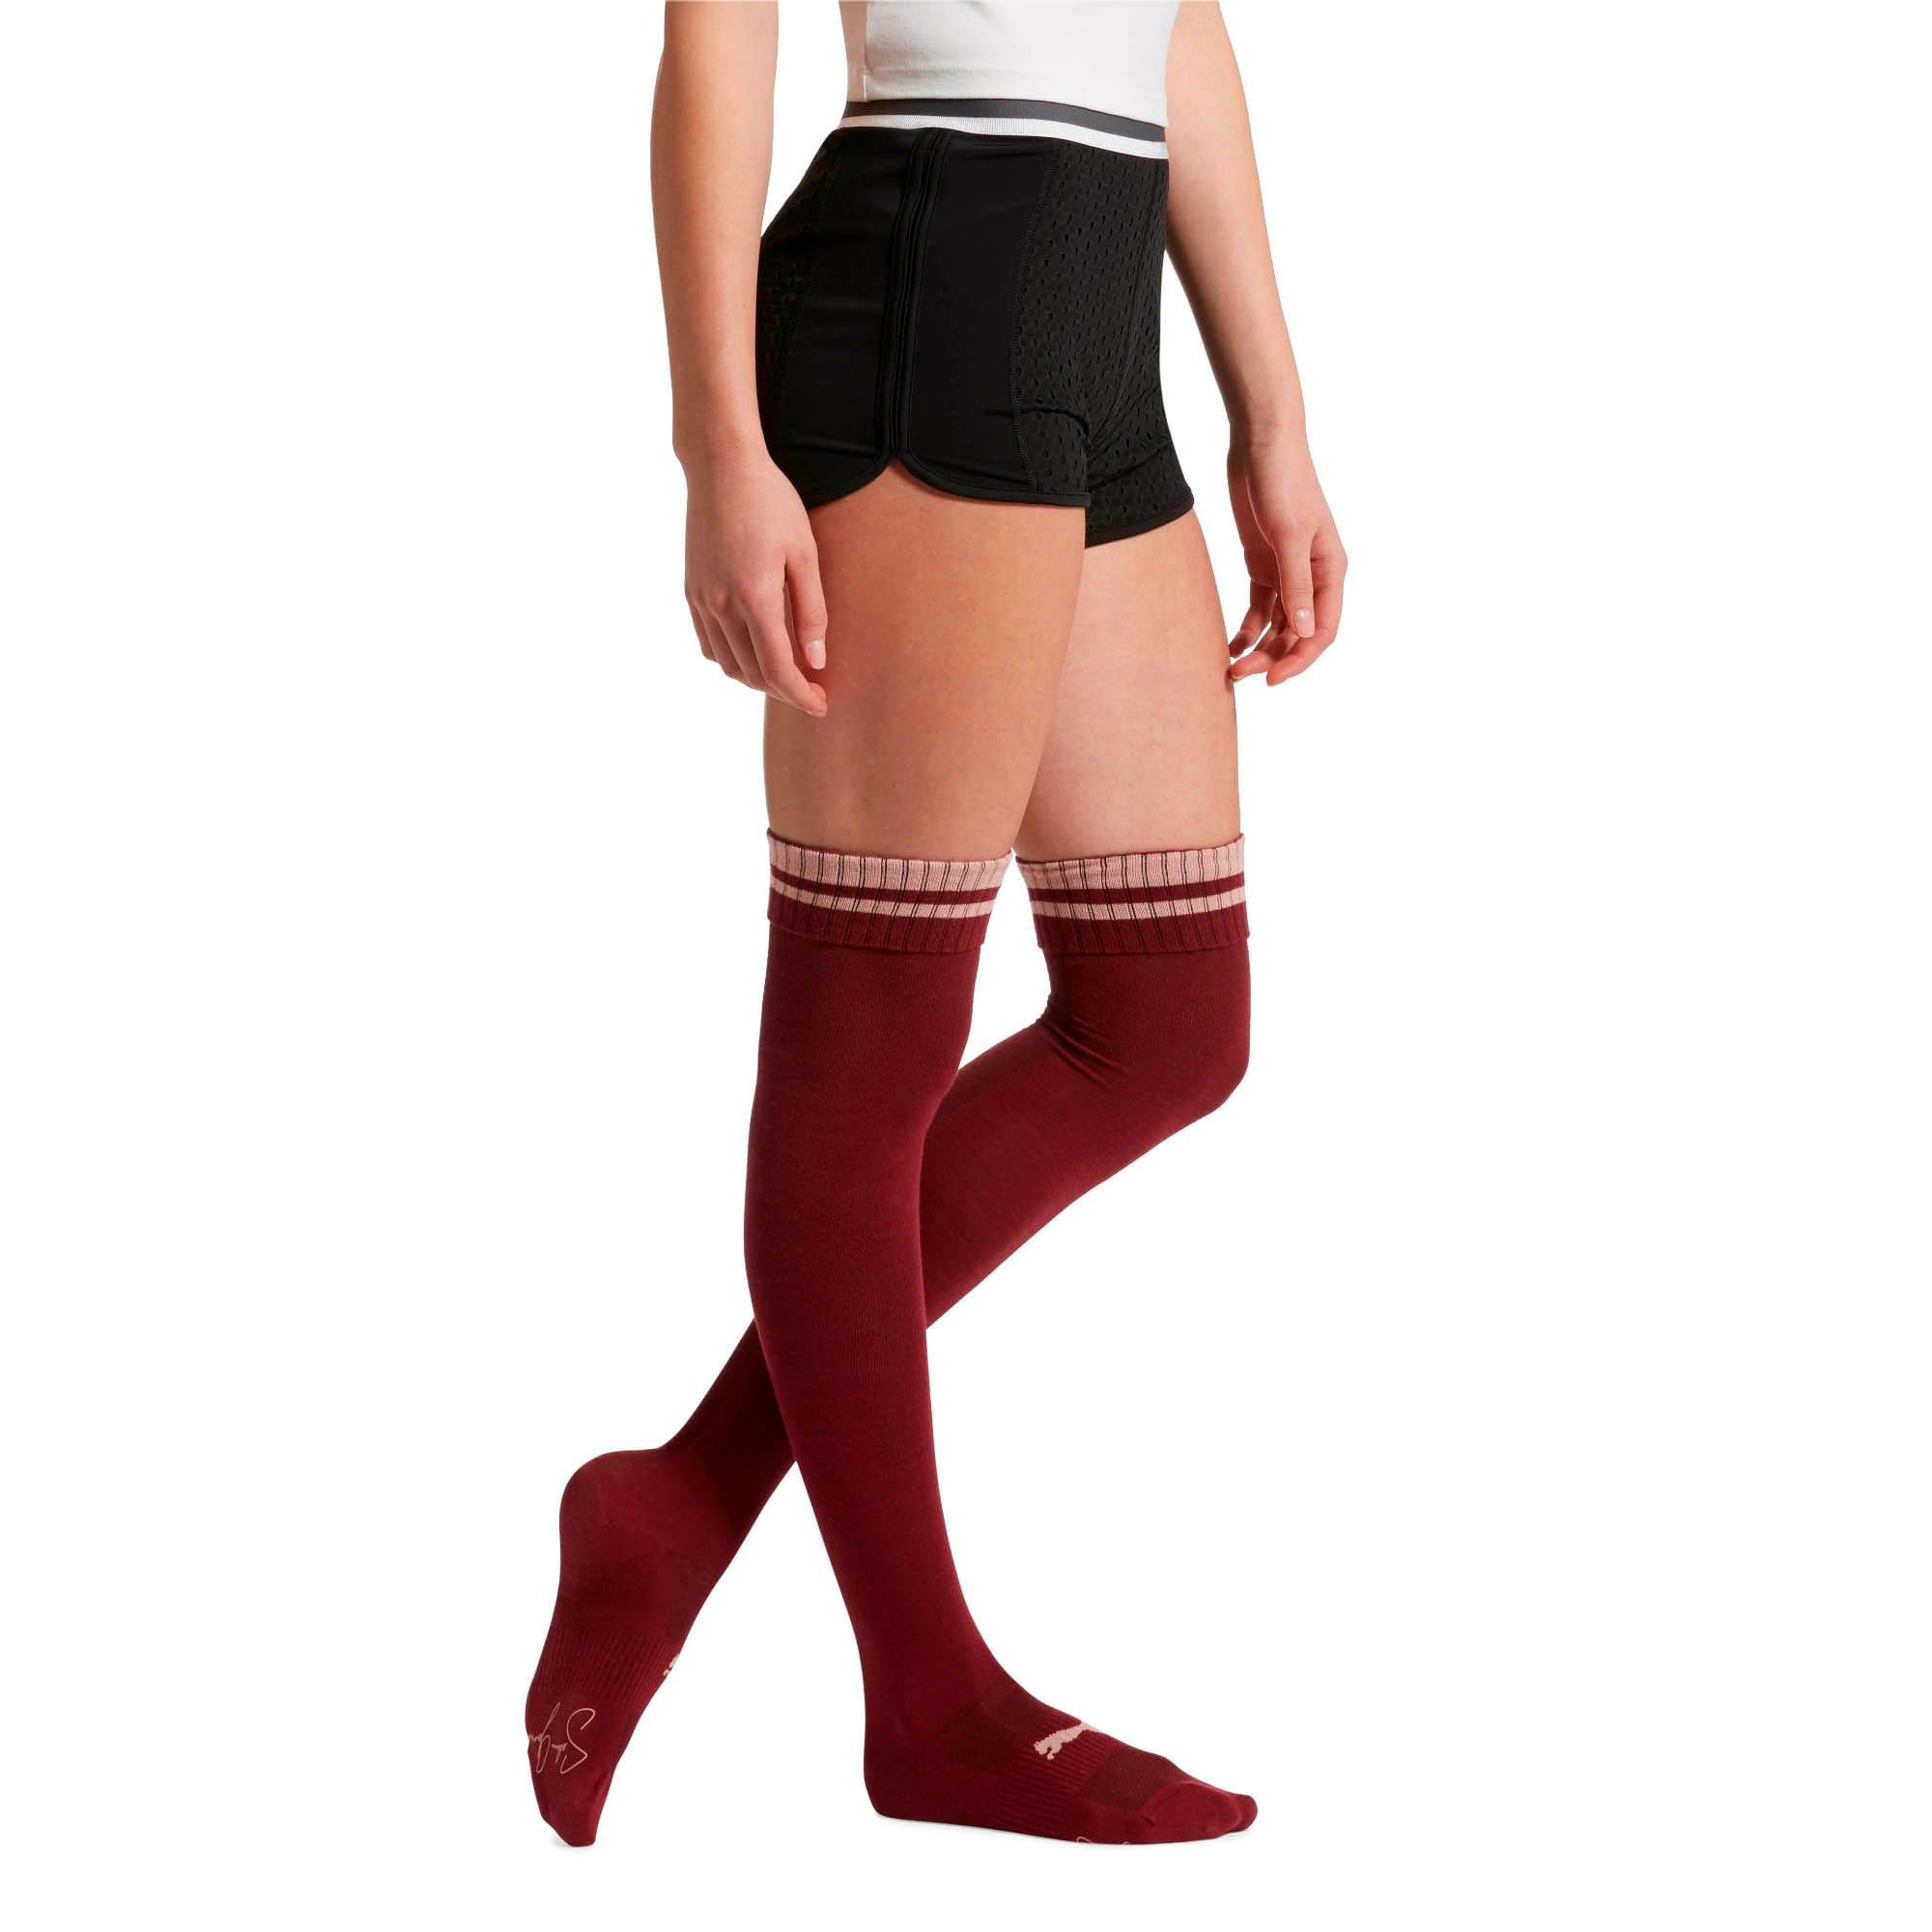 Thumbnail 2 of Women's Over-the-Knee Socks [1 Pair], BURGUNDY, medium